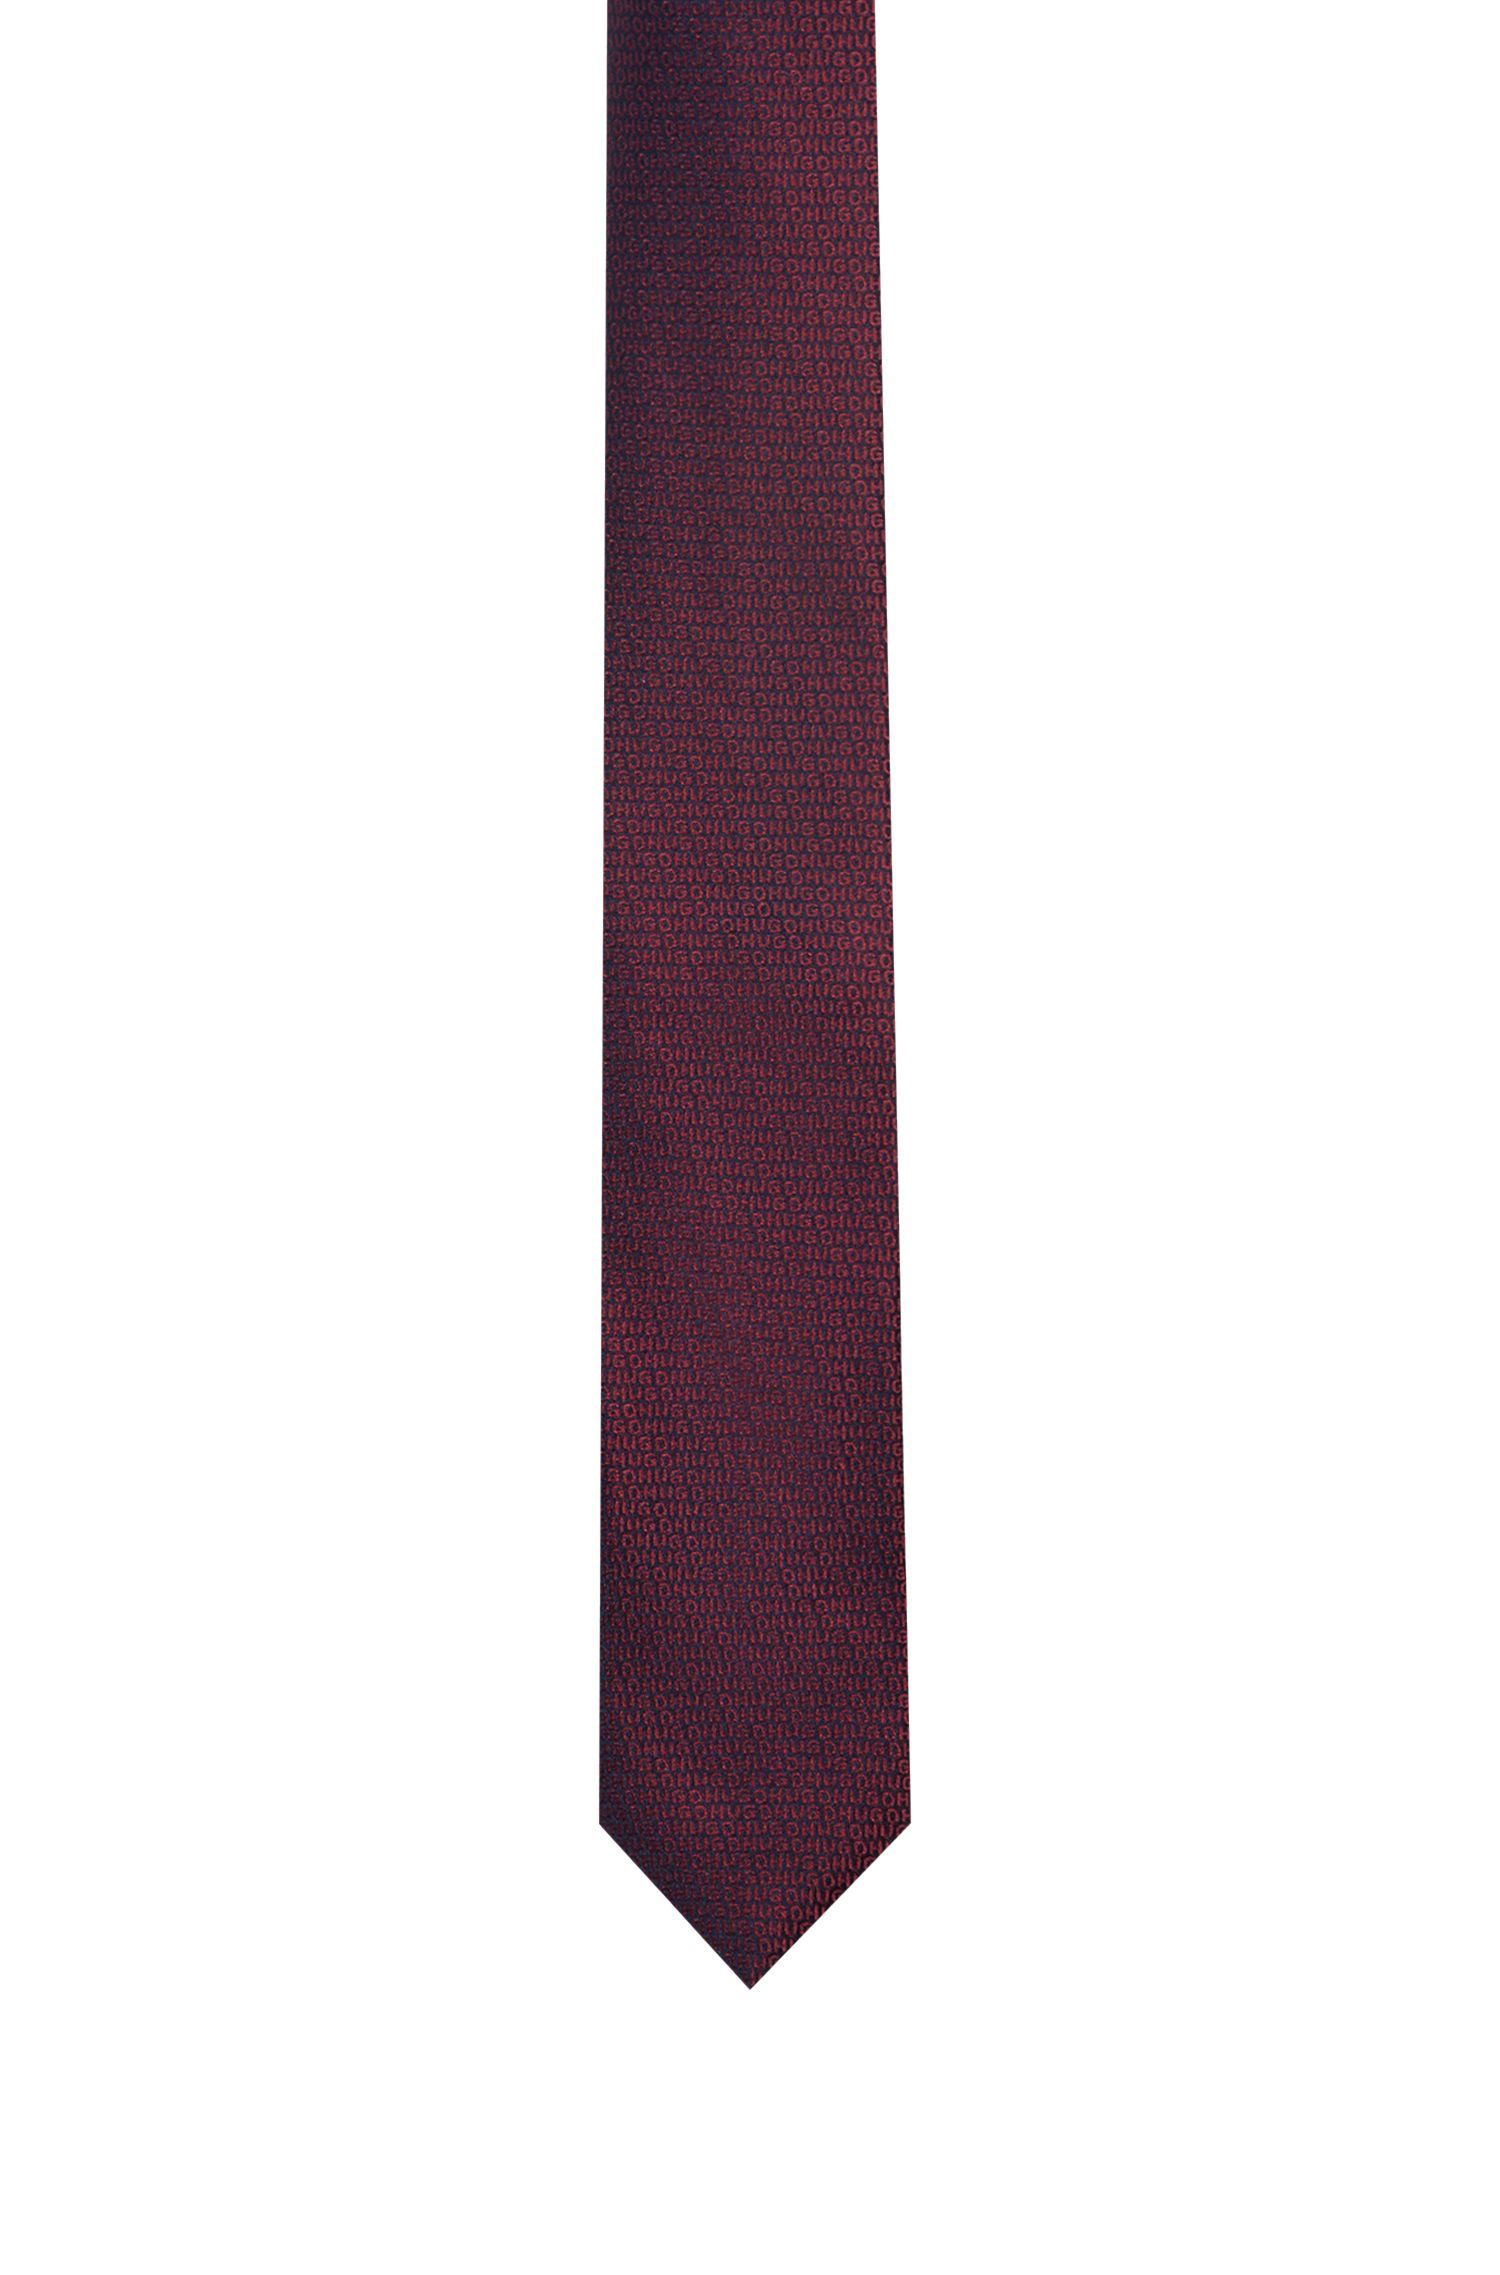 Cravate en jacquard de soie avec logo